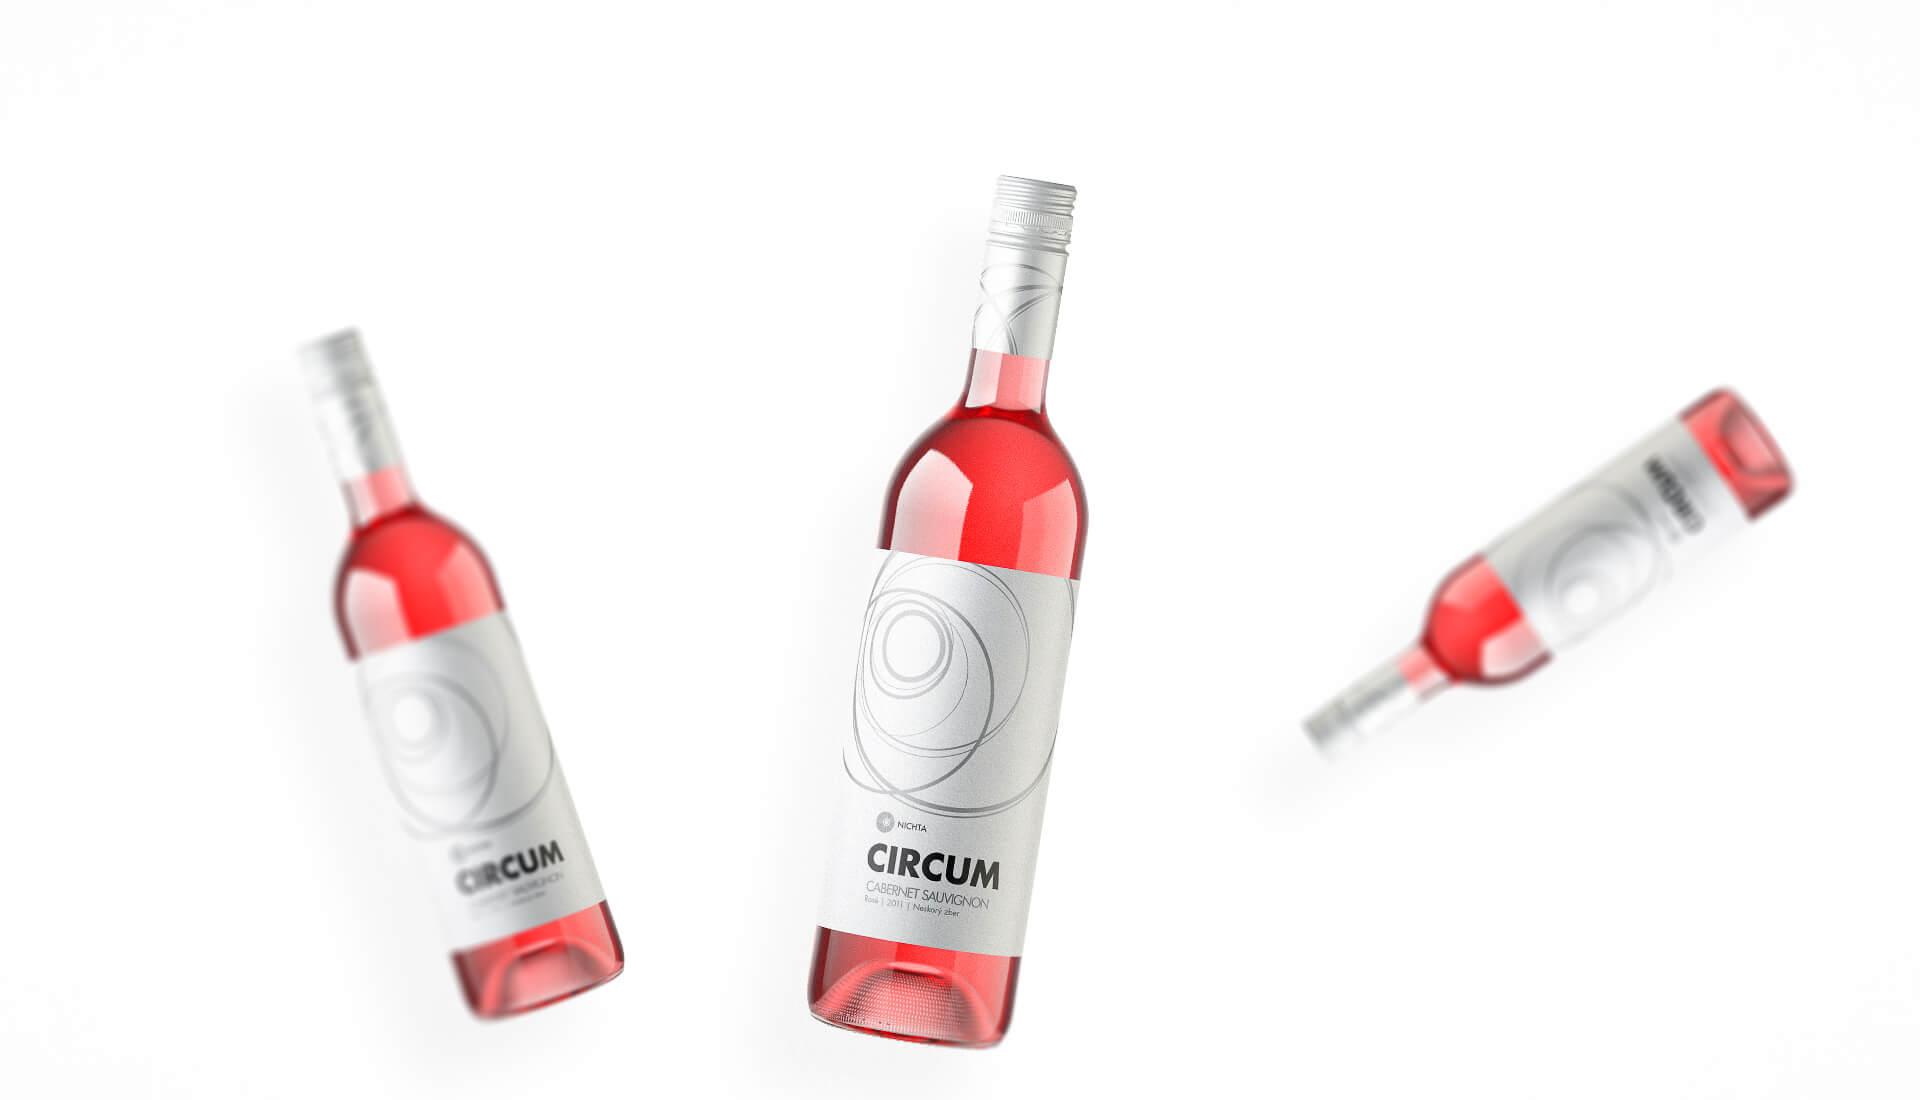 Etiketa na víno obalový dizajn NICHTA CIRCUM ružové víno